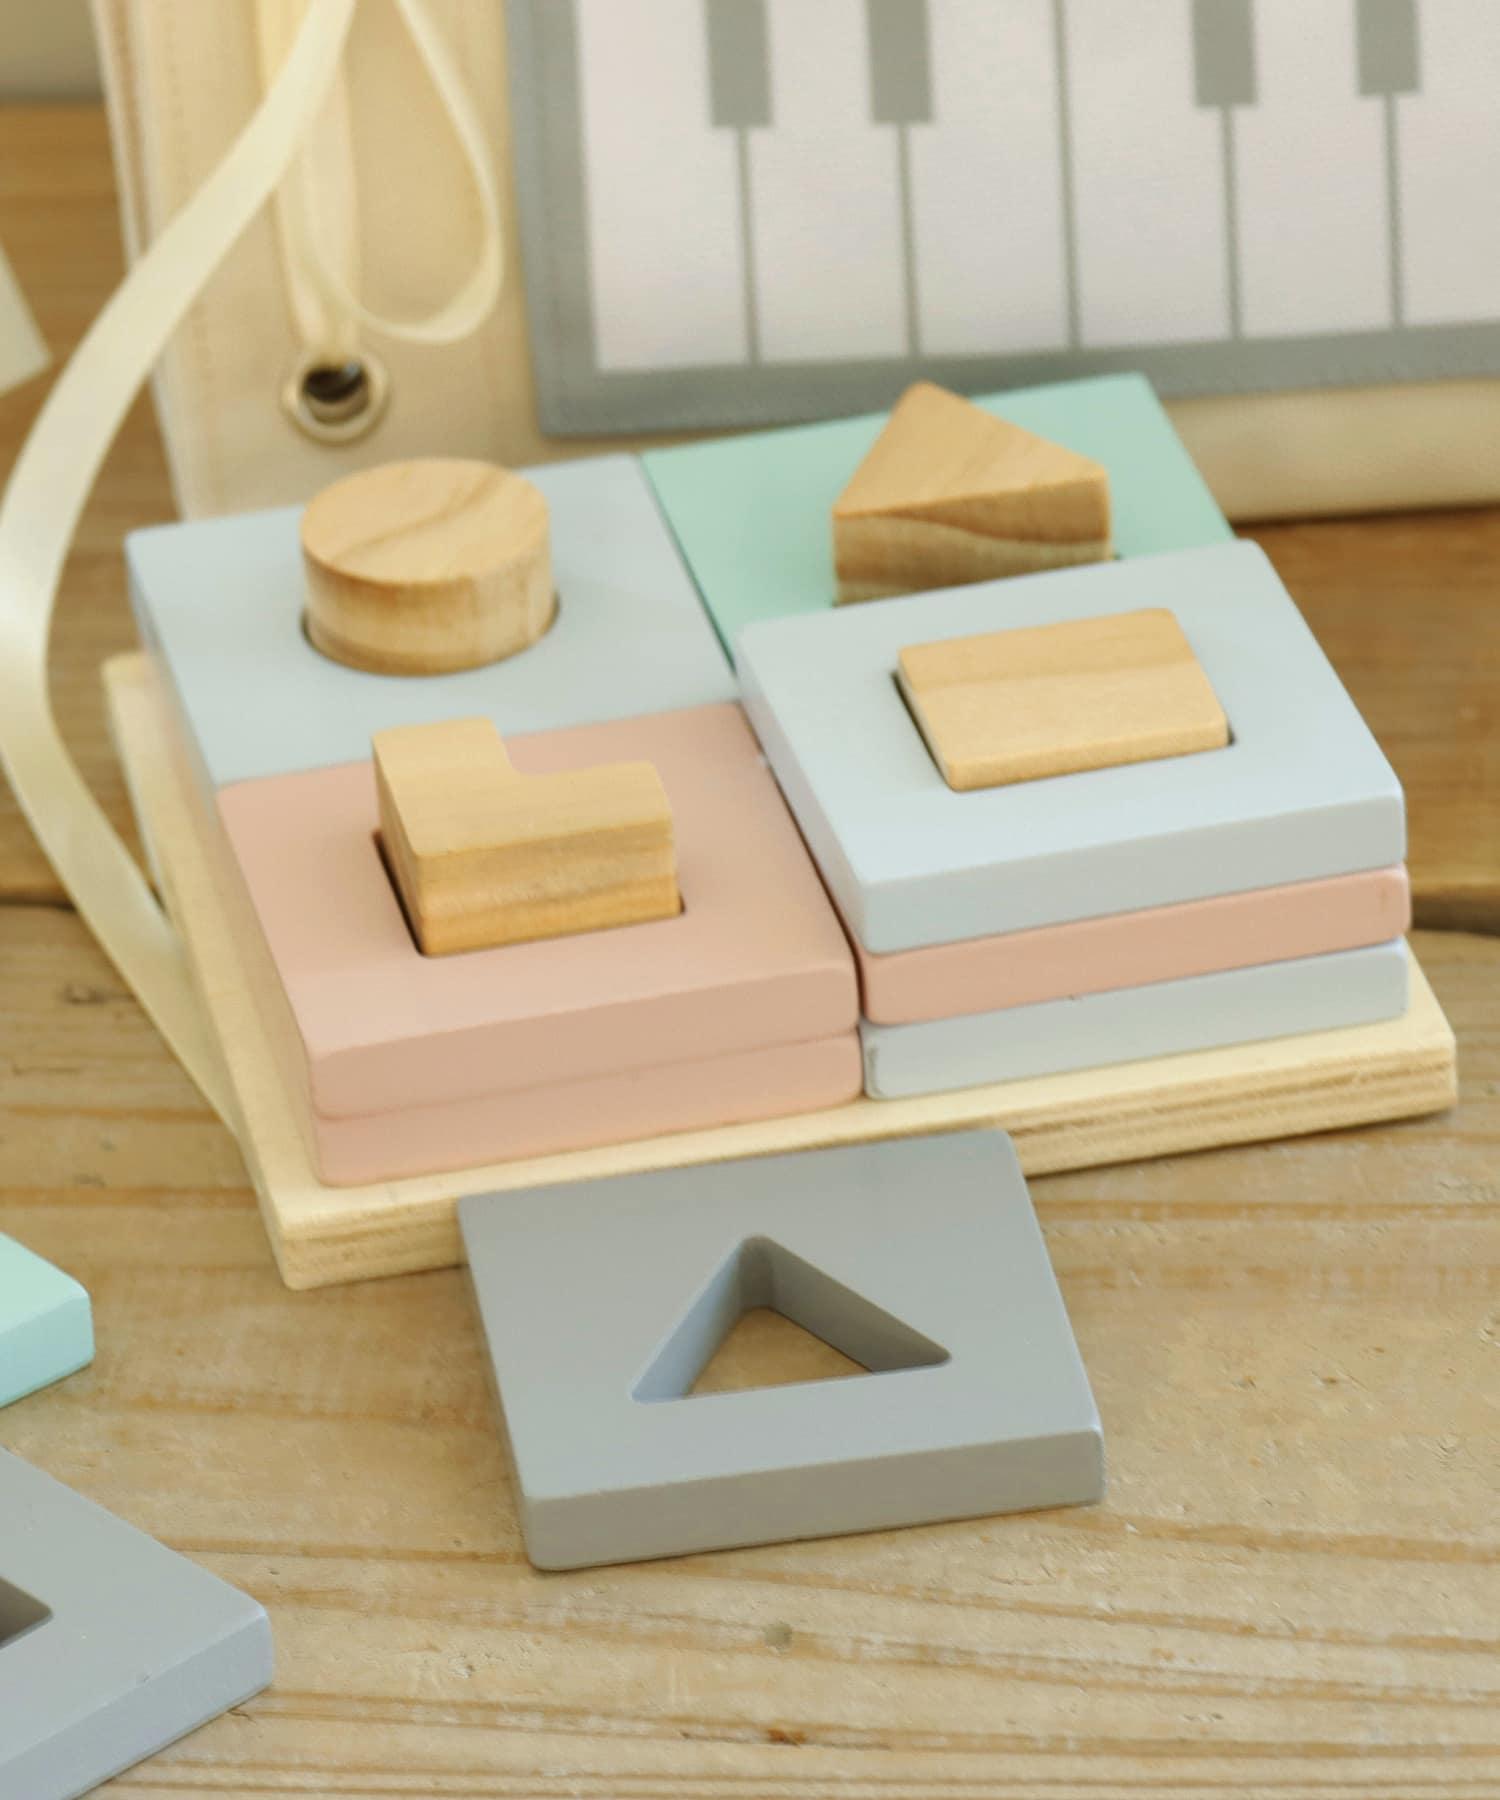 3COINS(スリーコインズ) 【楽しく学ぼう】積み木パズル